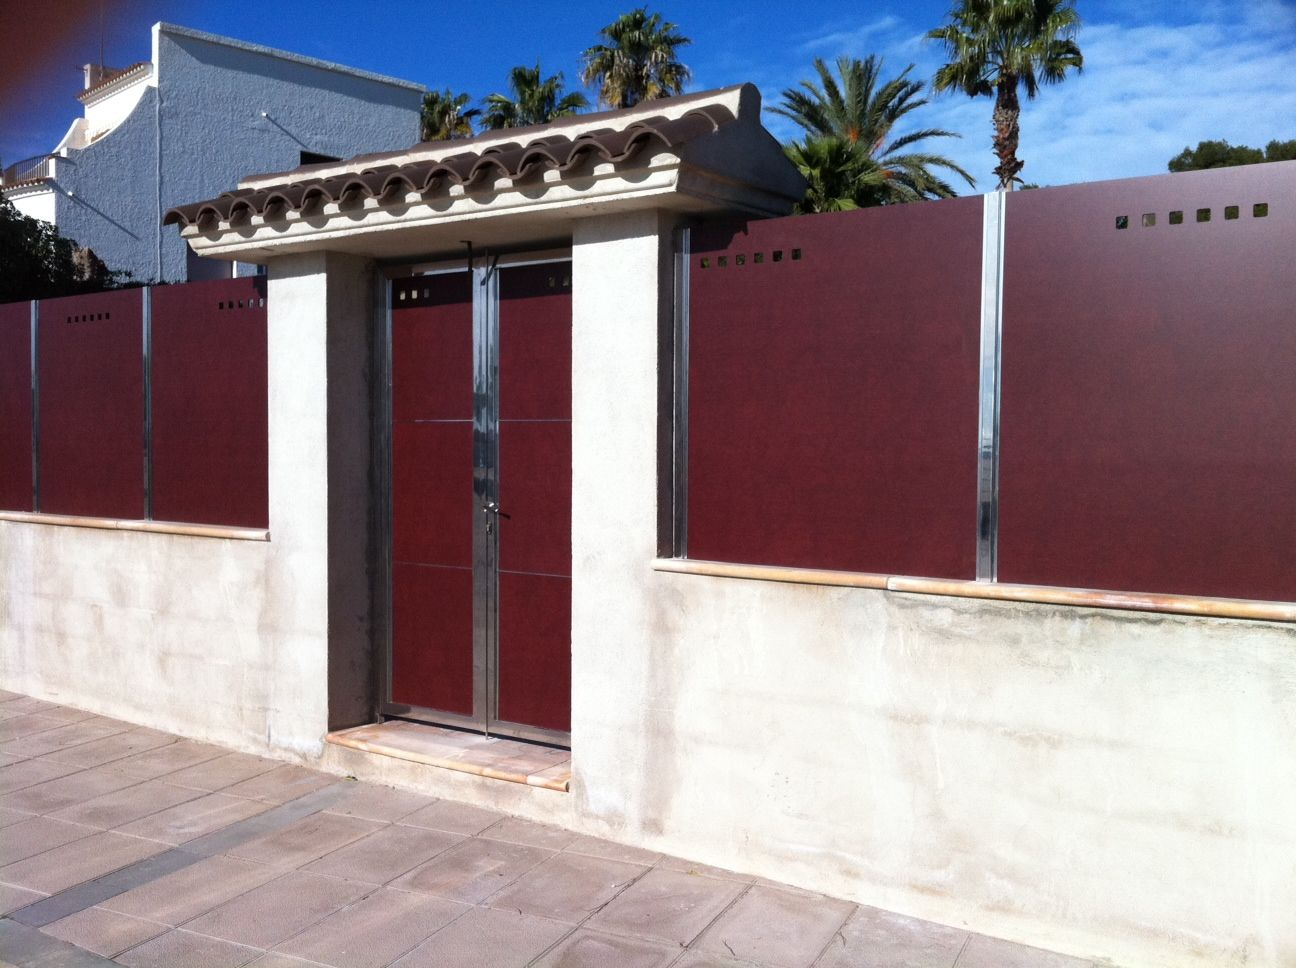 Valla Y Puerta Ocultaci N De Compacto Fenolico Y Acero Inoxidable  # Muebles Gema Mexicali